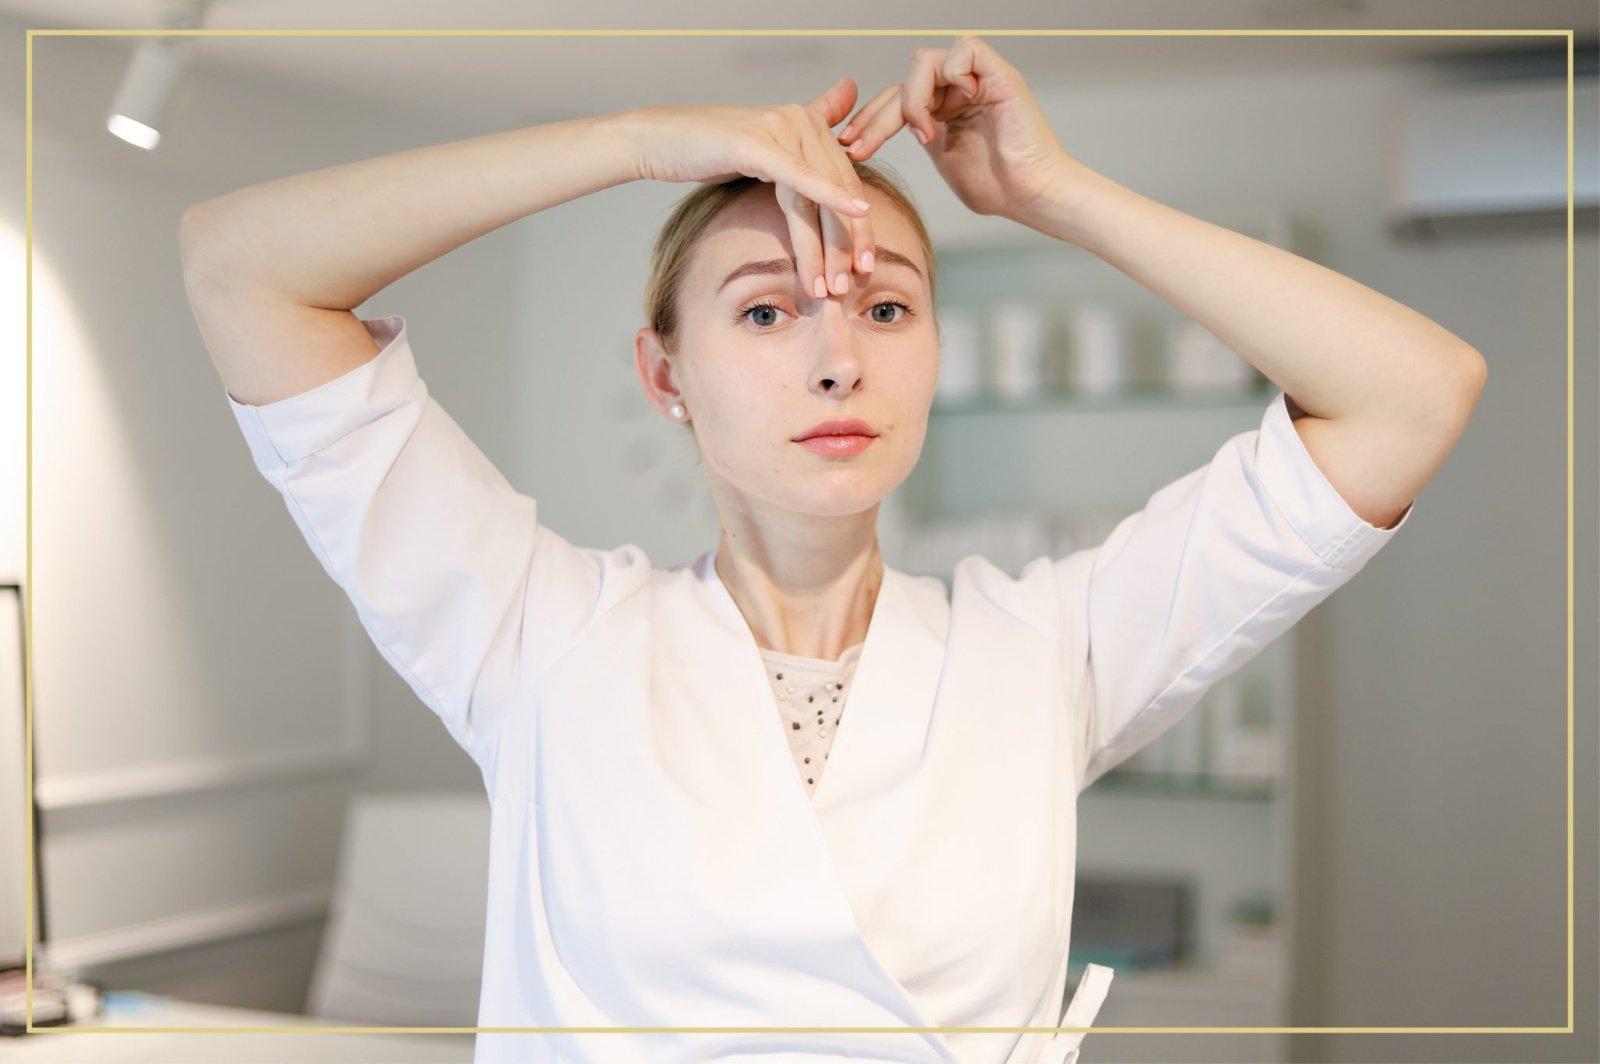 Kosmetologės patarimai: kaip atjaunėti veido mankštų pagalba?